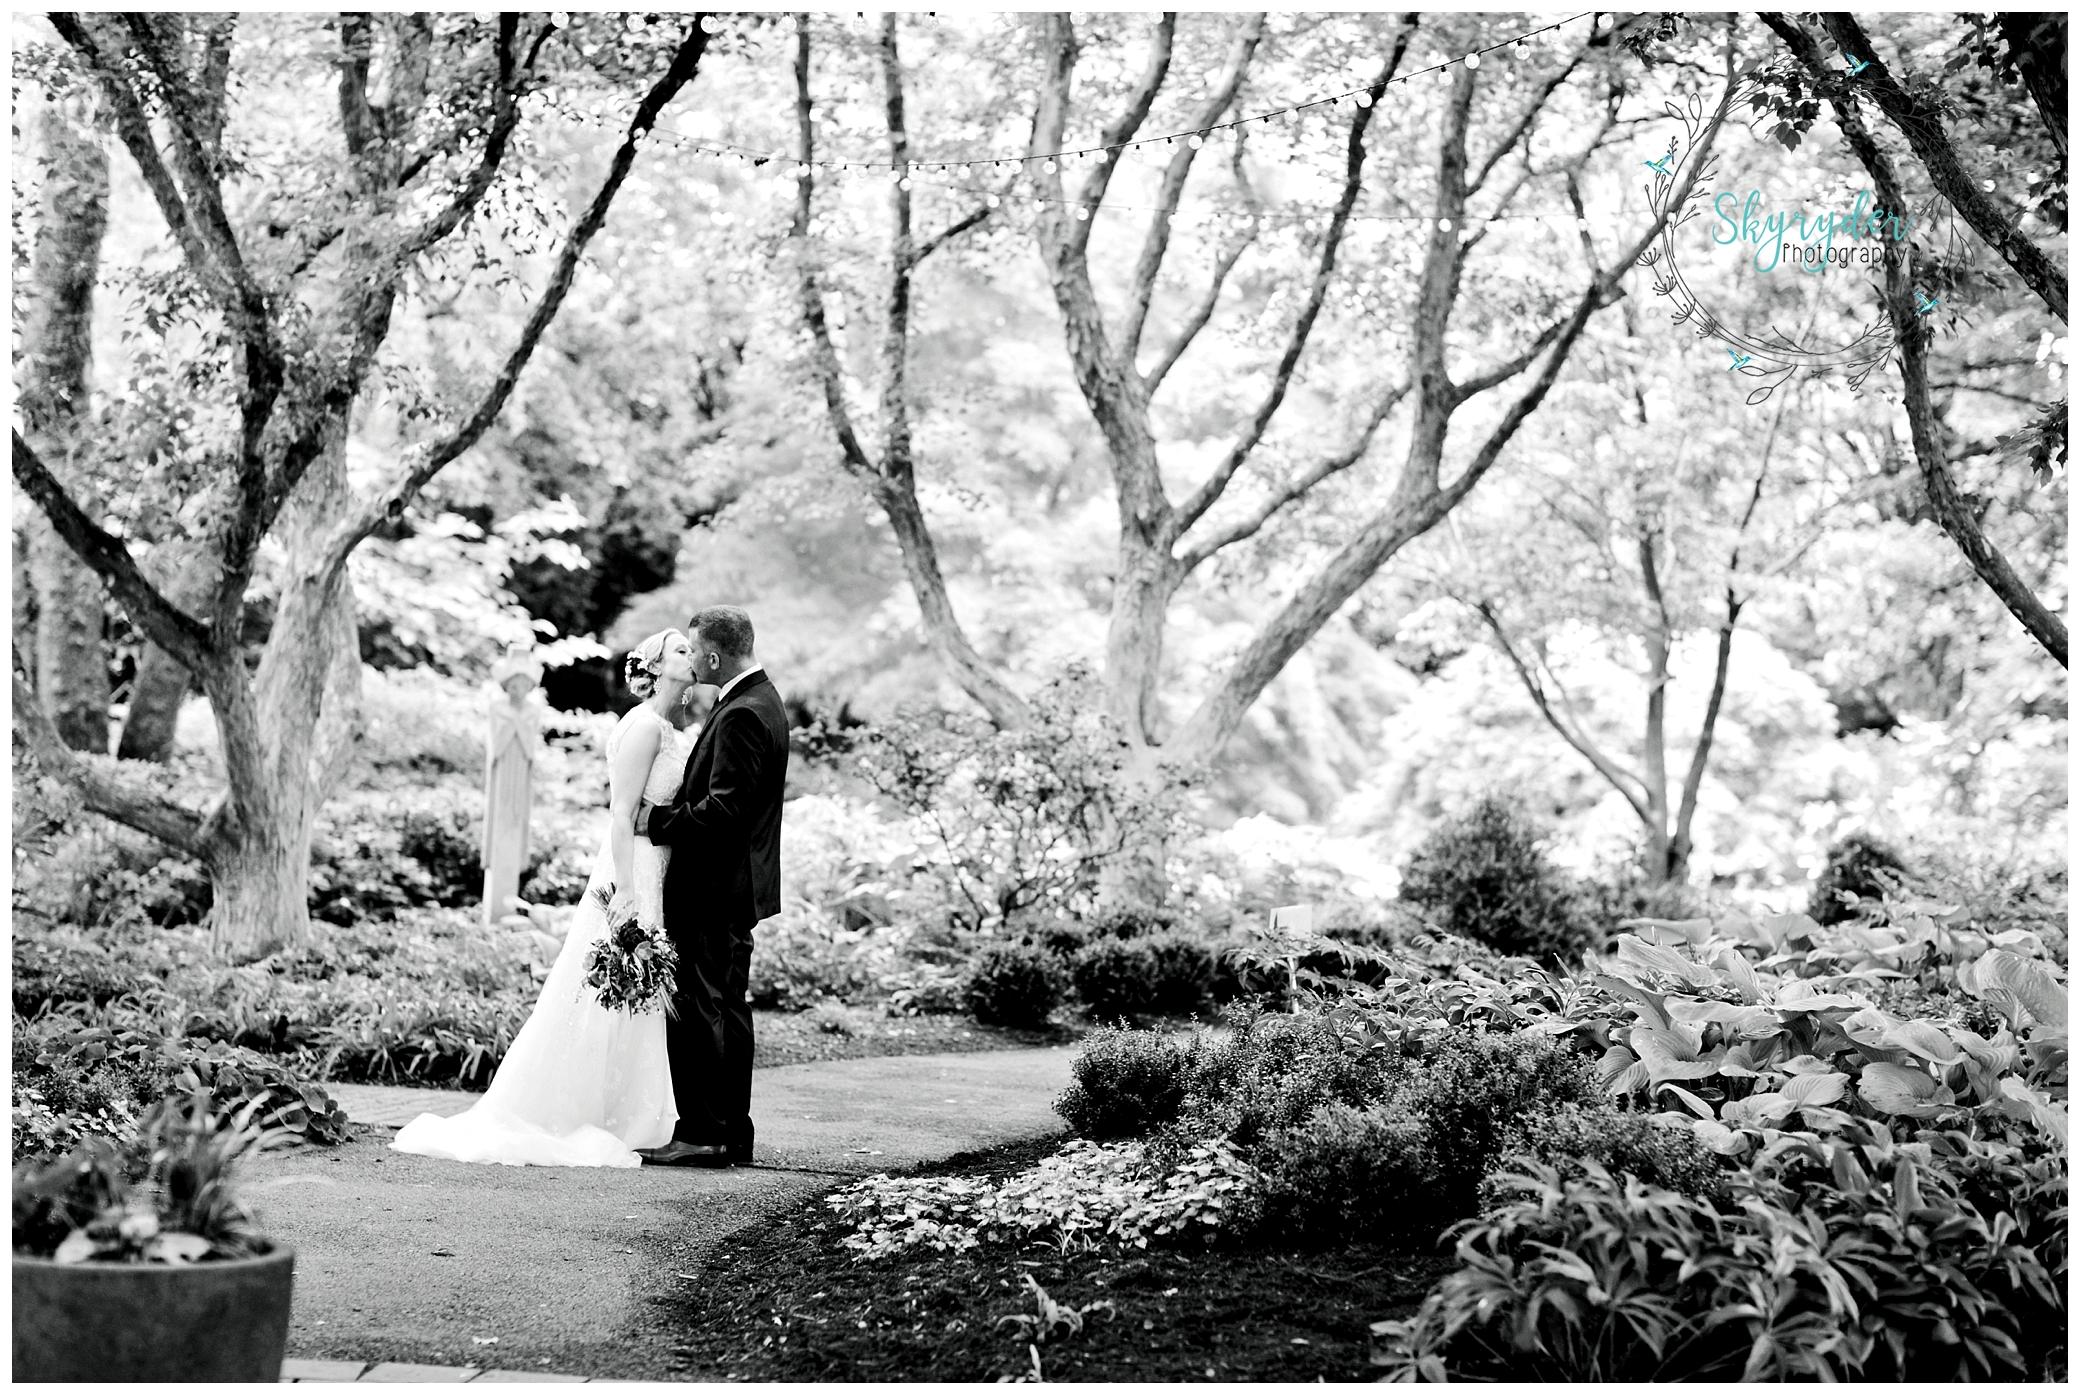 Tawny + Joey | Blacksburg Wedding Photography | Beliveau Estate Winery